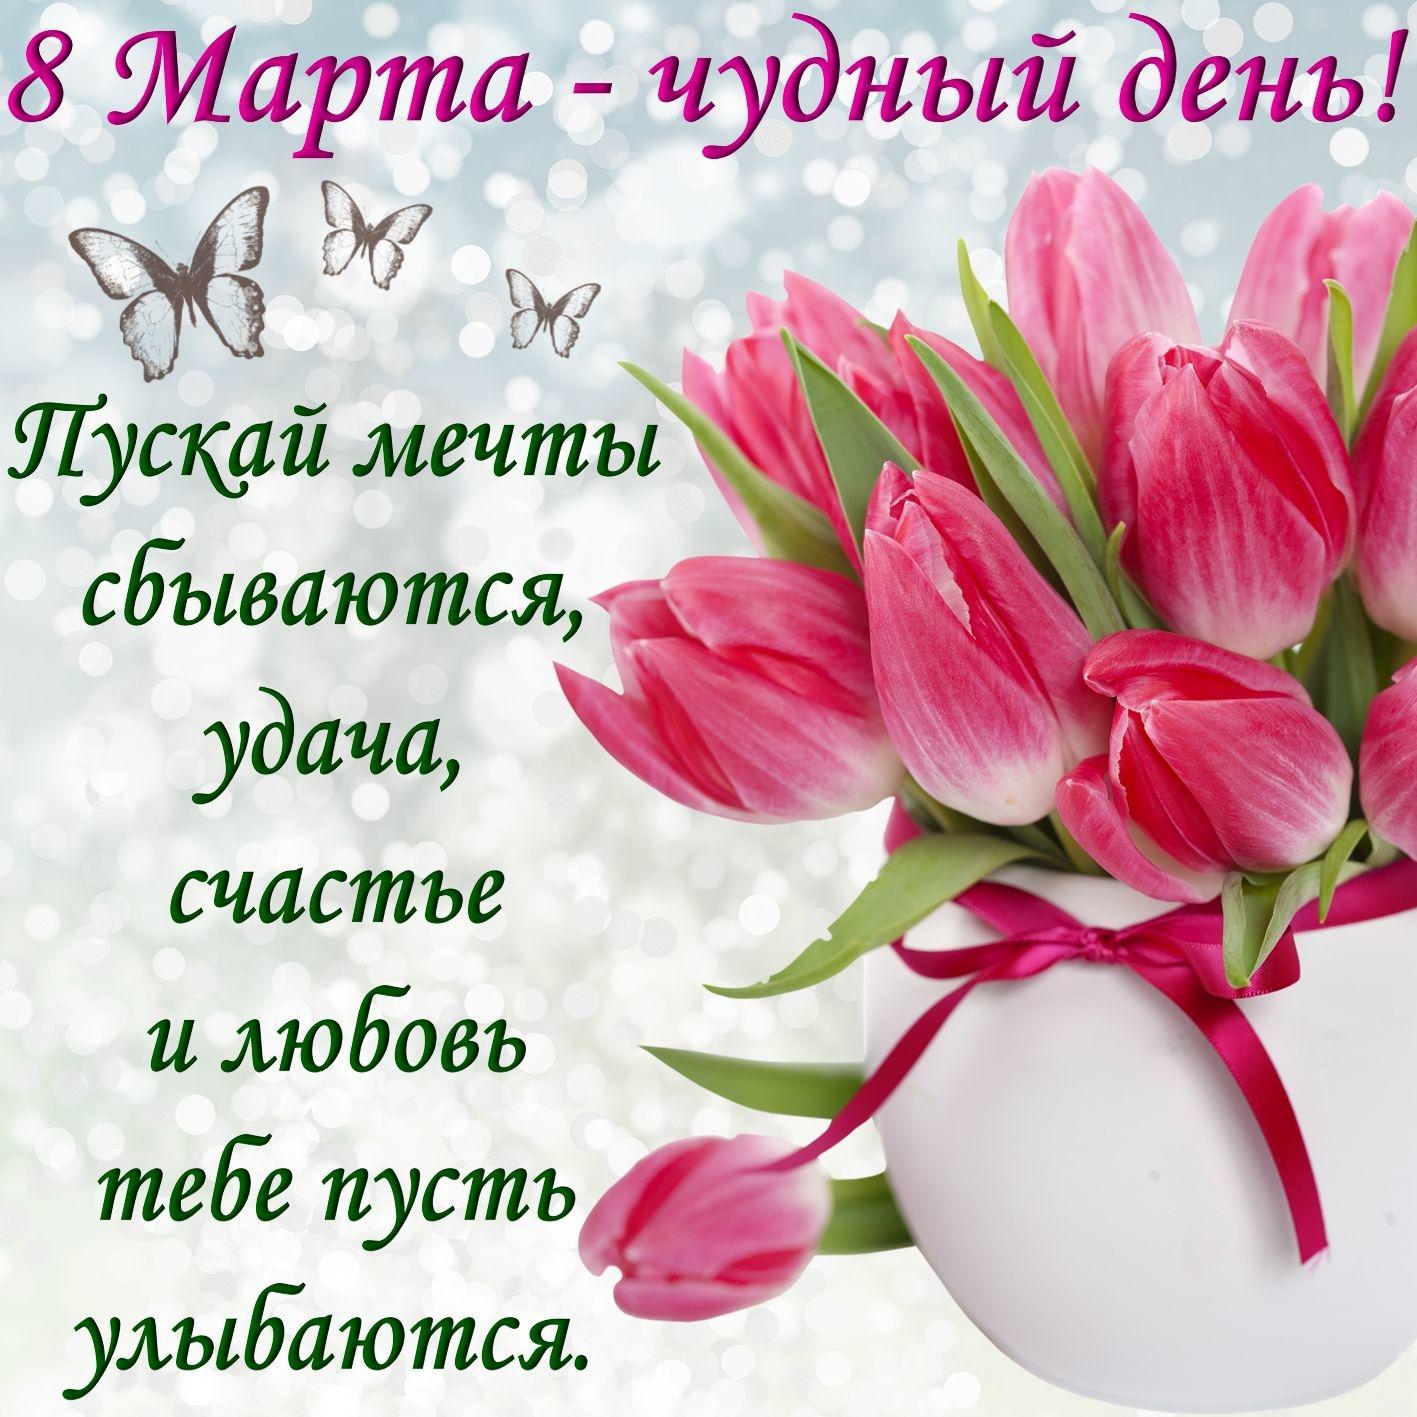 Поздравление с 8 мартам открытка